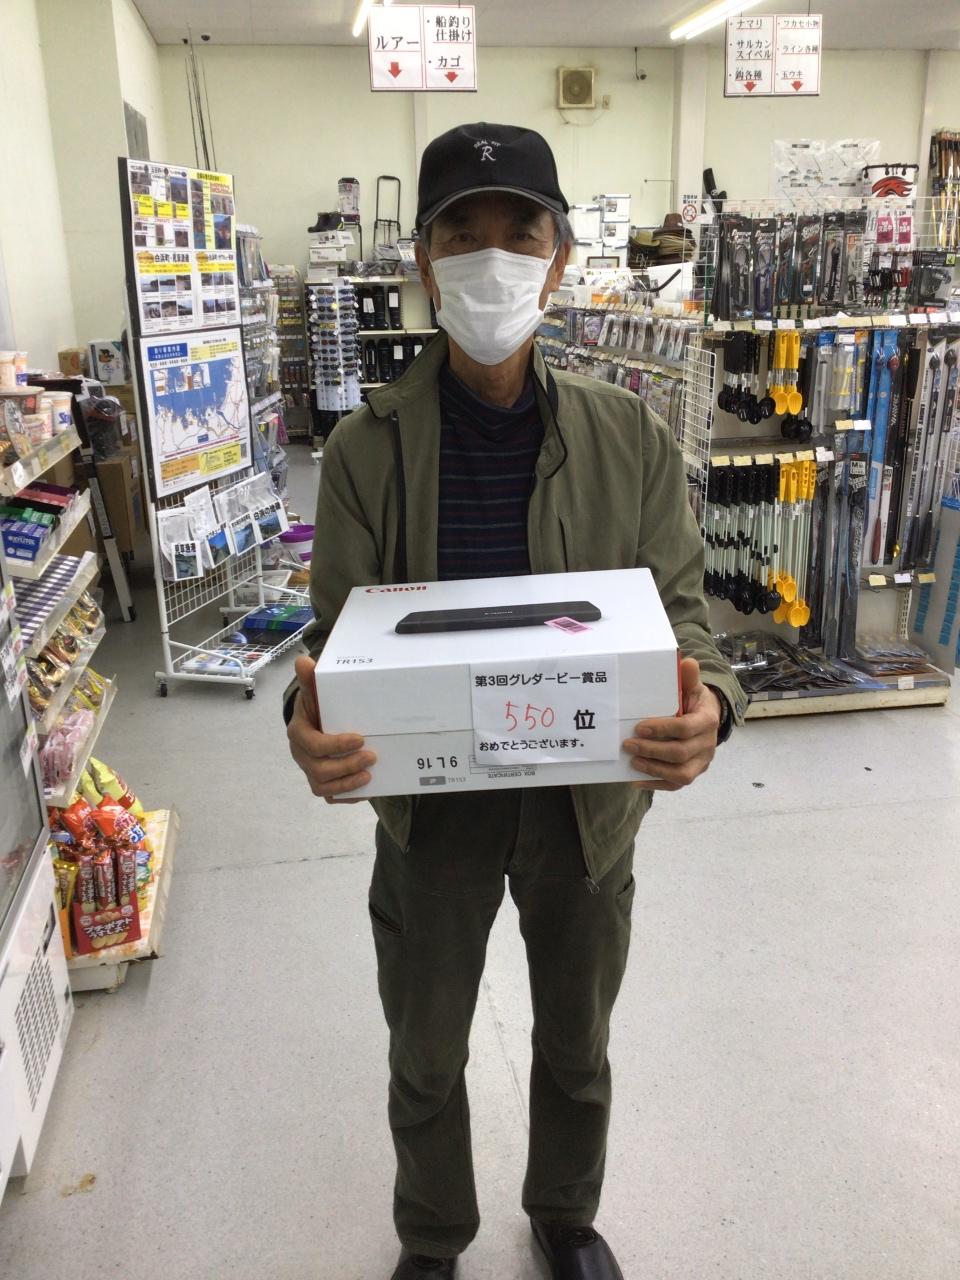 4/17 第3回グレダービー      550位  みいみいちゃん様 Canon A4プリンターget !! おめでとうございます。